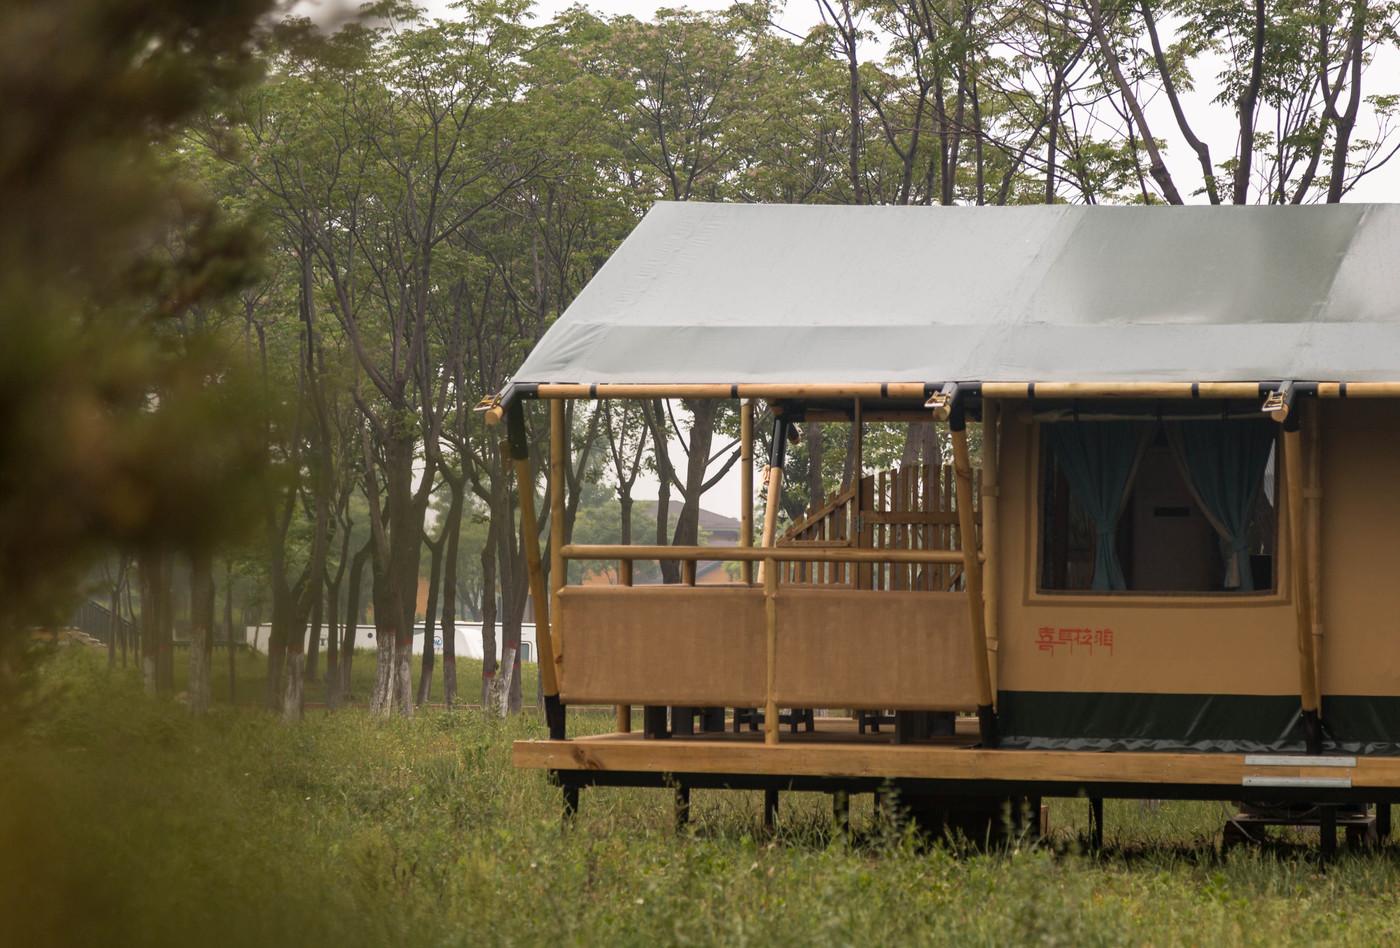 喜马拉雅野奢帐篷酒店—华山自驾游露营地(54平)5